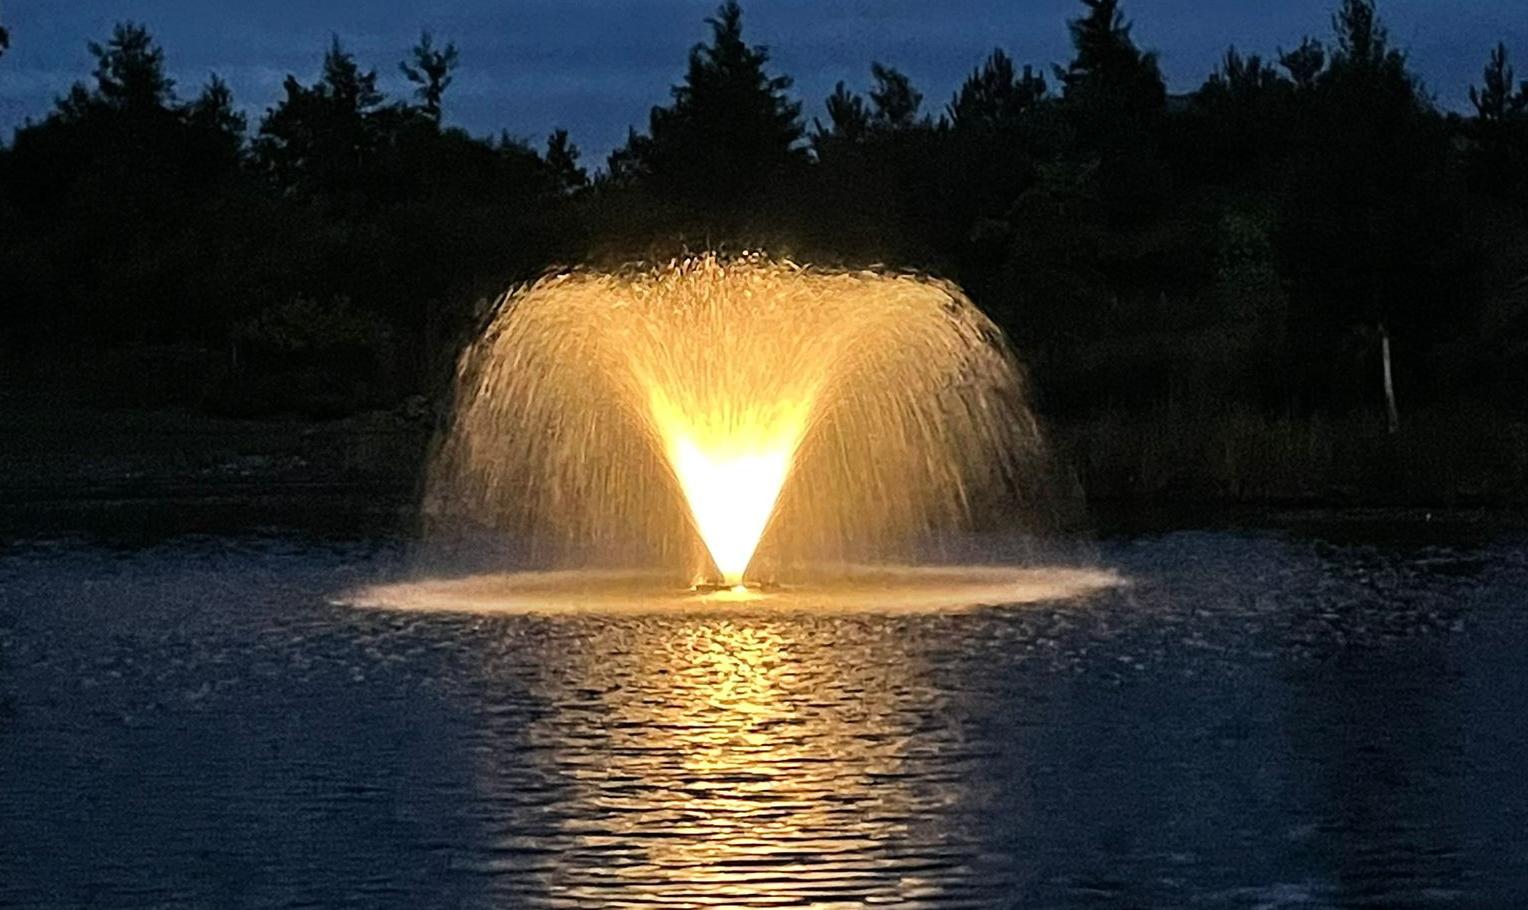 Auchterarder House - fountain